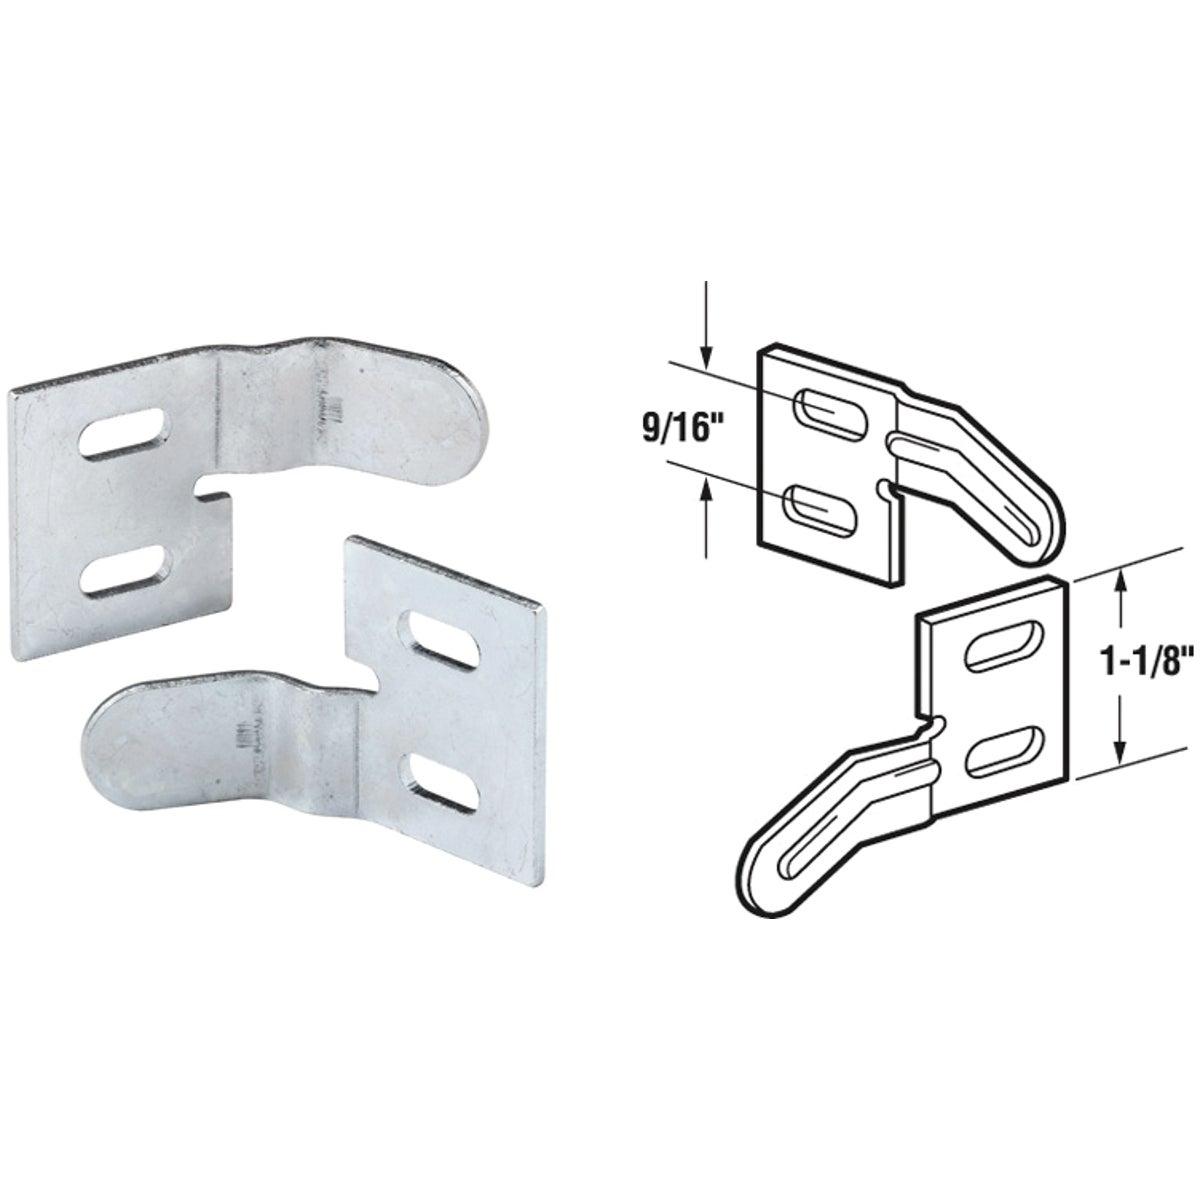 Steel Bi-Fold Aligner